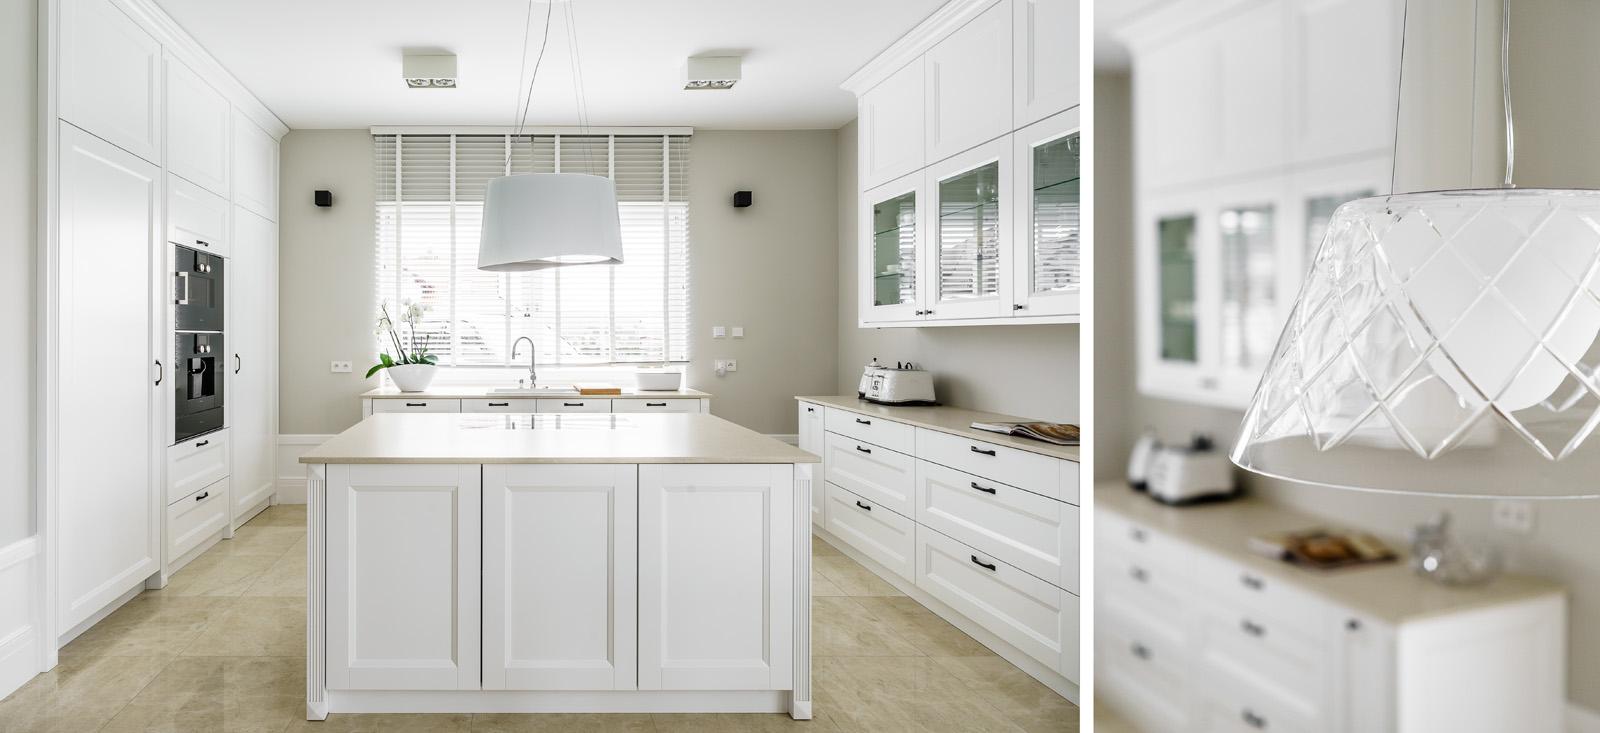 Beżowe płytki na podłodze w kuchni w stylu klasycystycznym | proj. Fabryka wnętrz